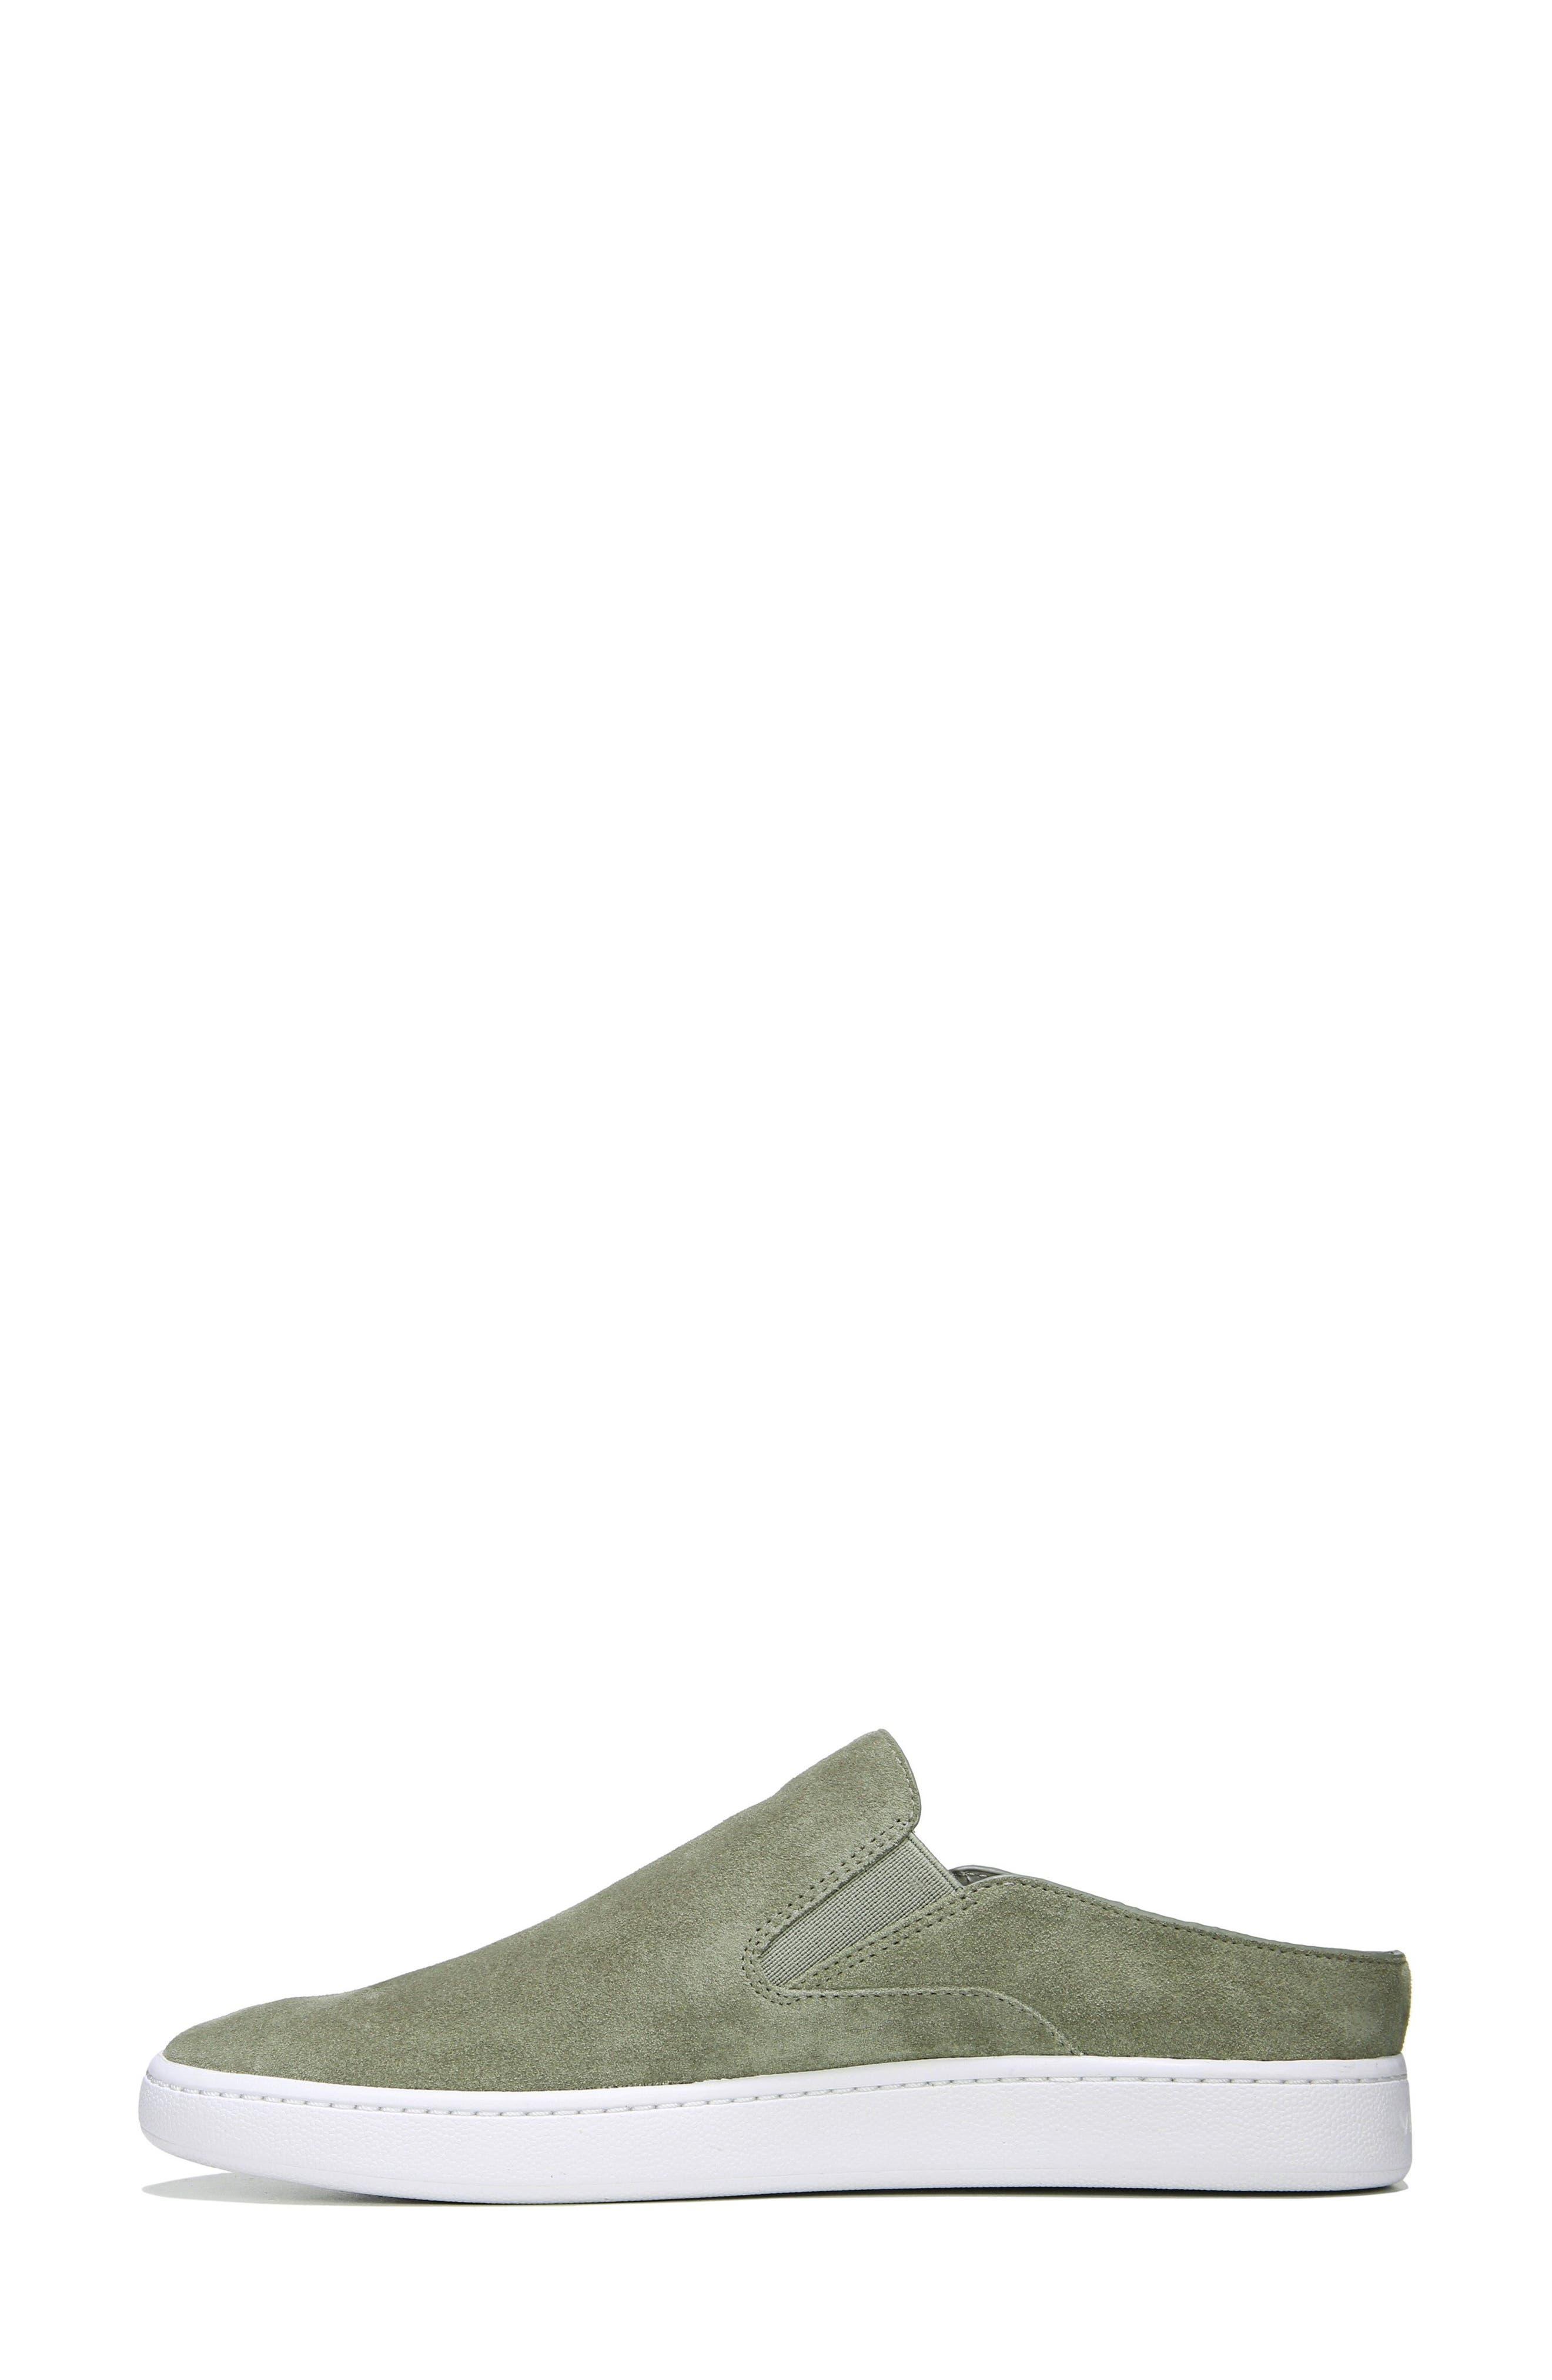 Verrell Slip-On Sneaker,                             Alternate thumbnail 22, color,